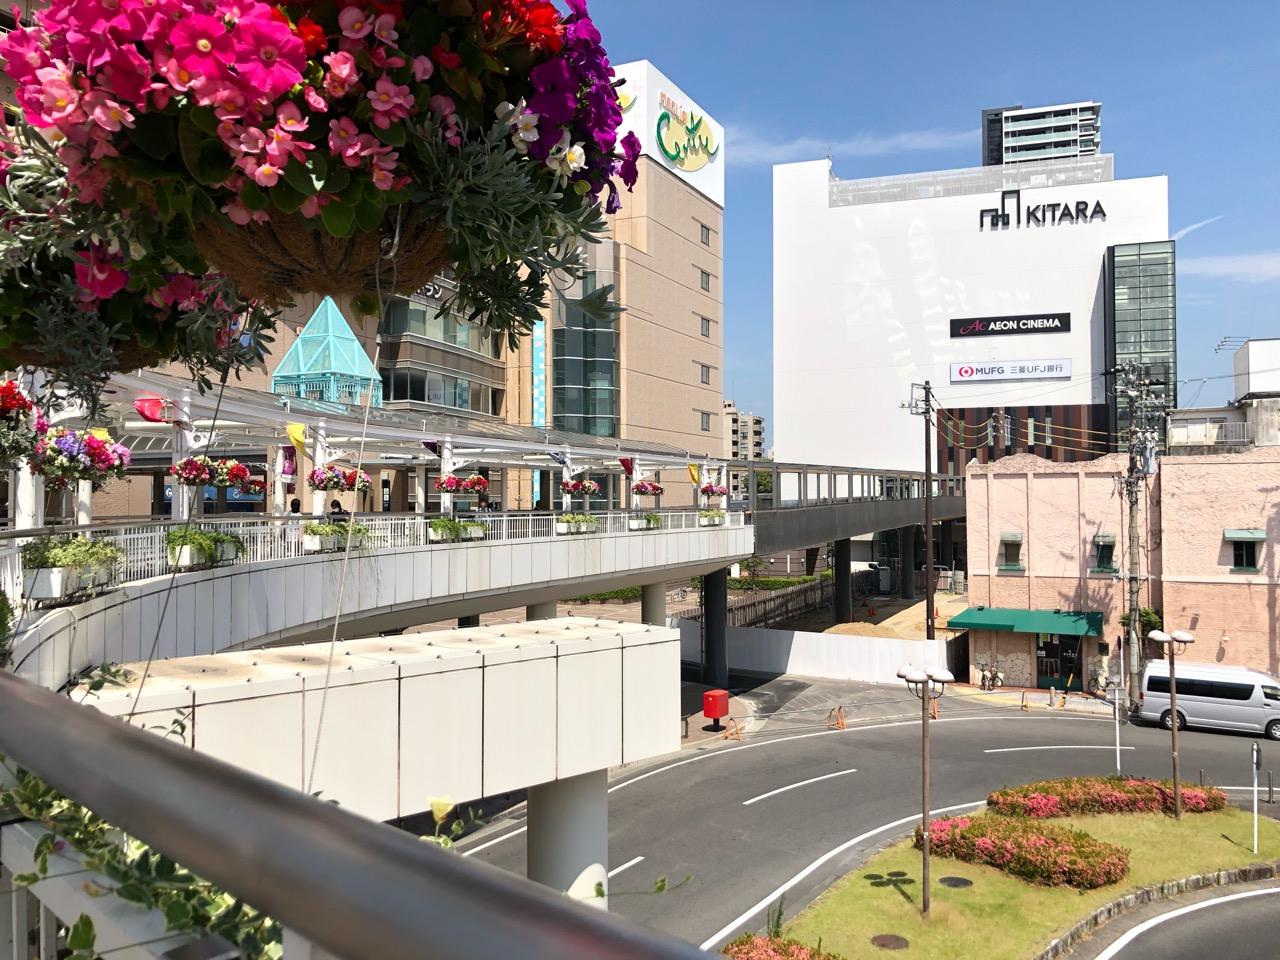 豊田市駅とKiTARAを繋ぐペデストリアンデッキ